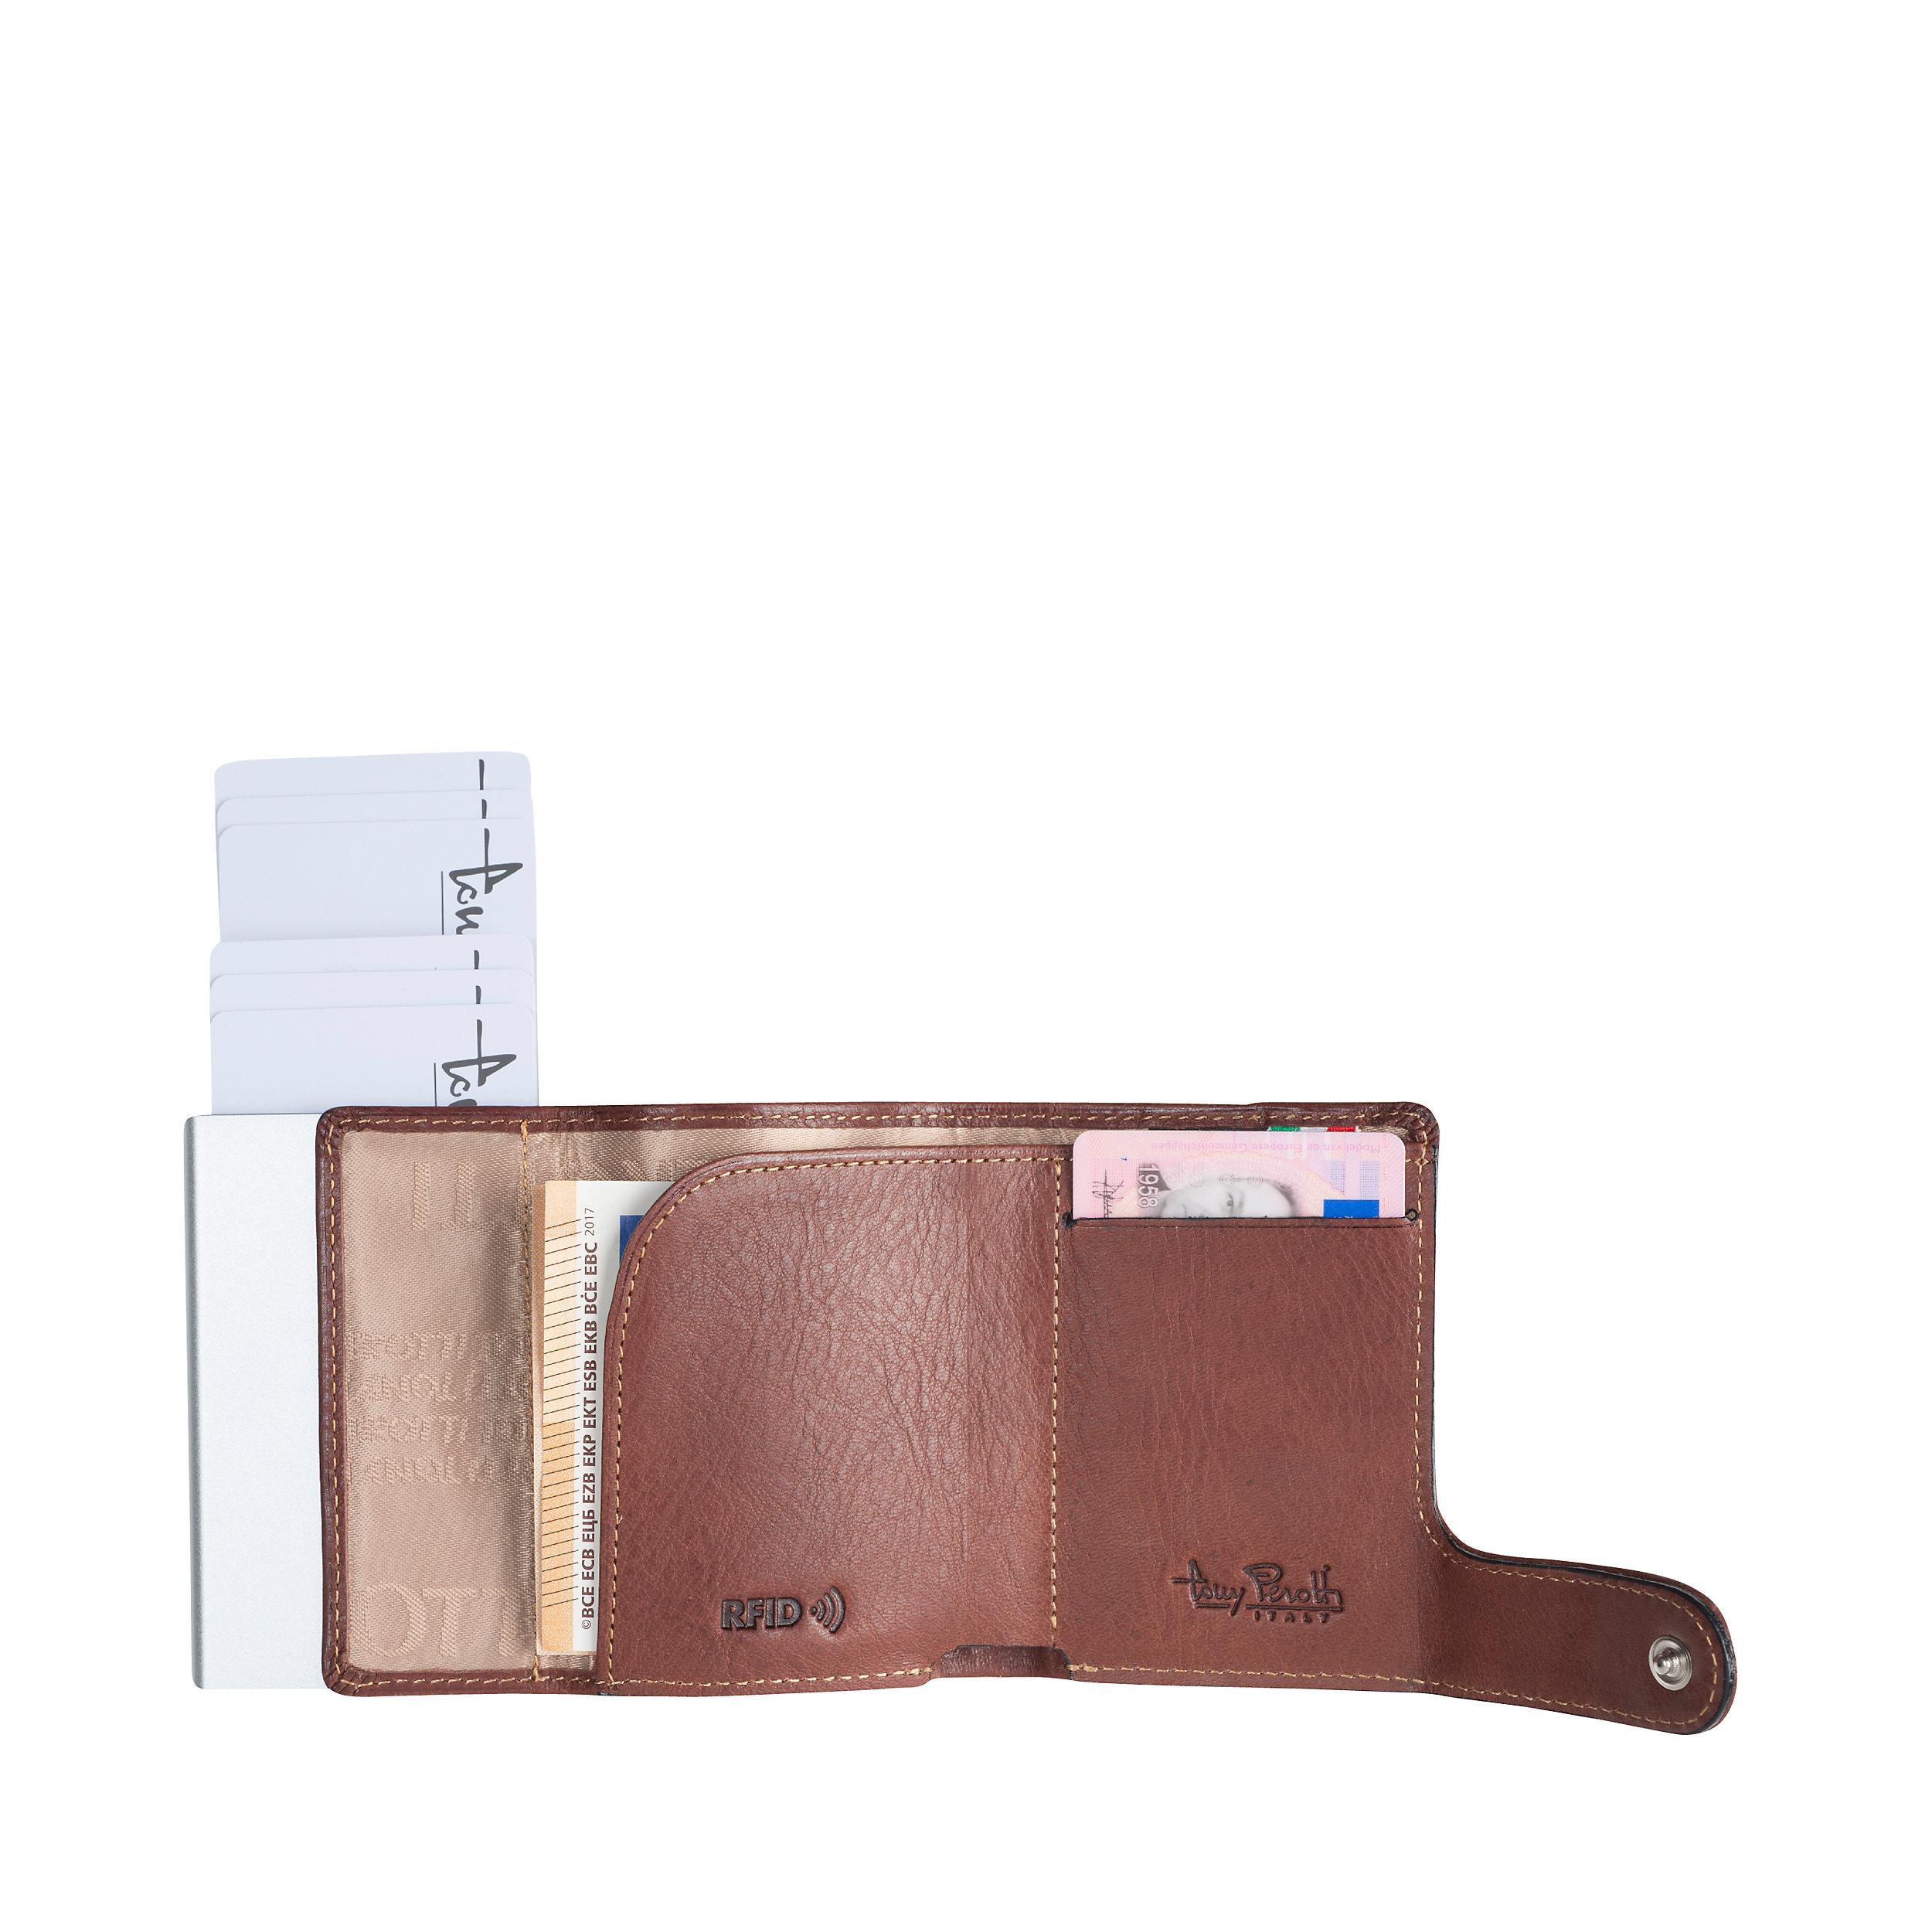 Kreditkartenetui 13KK RFID Vegetale